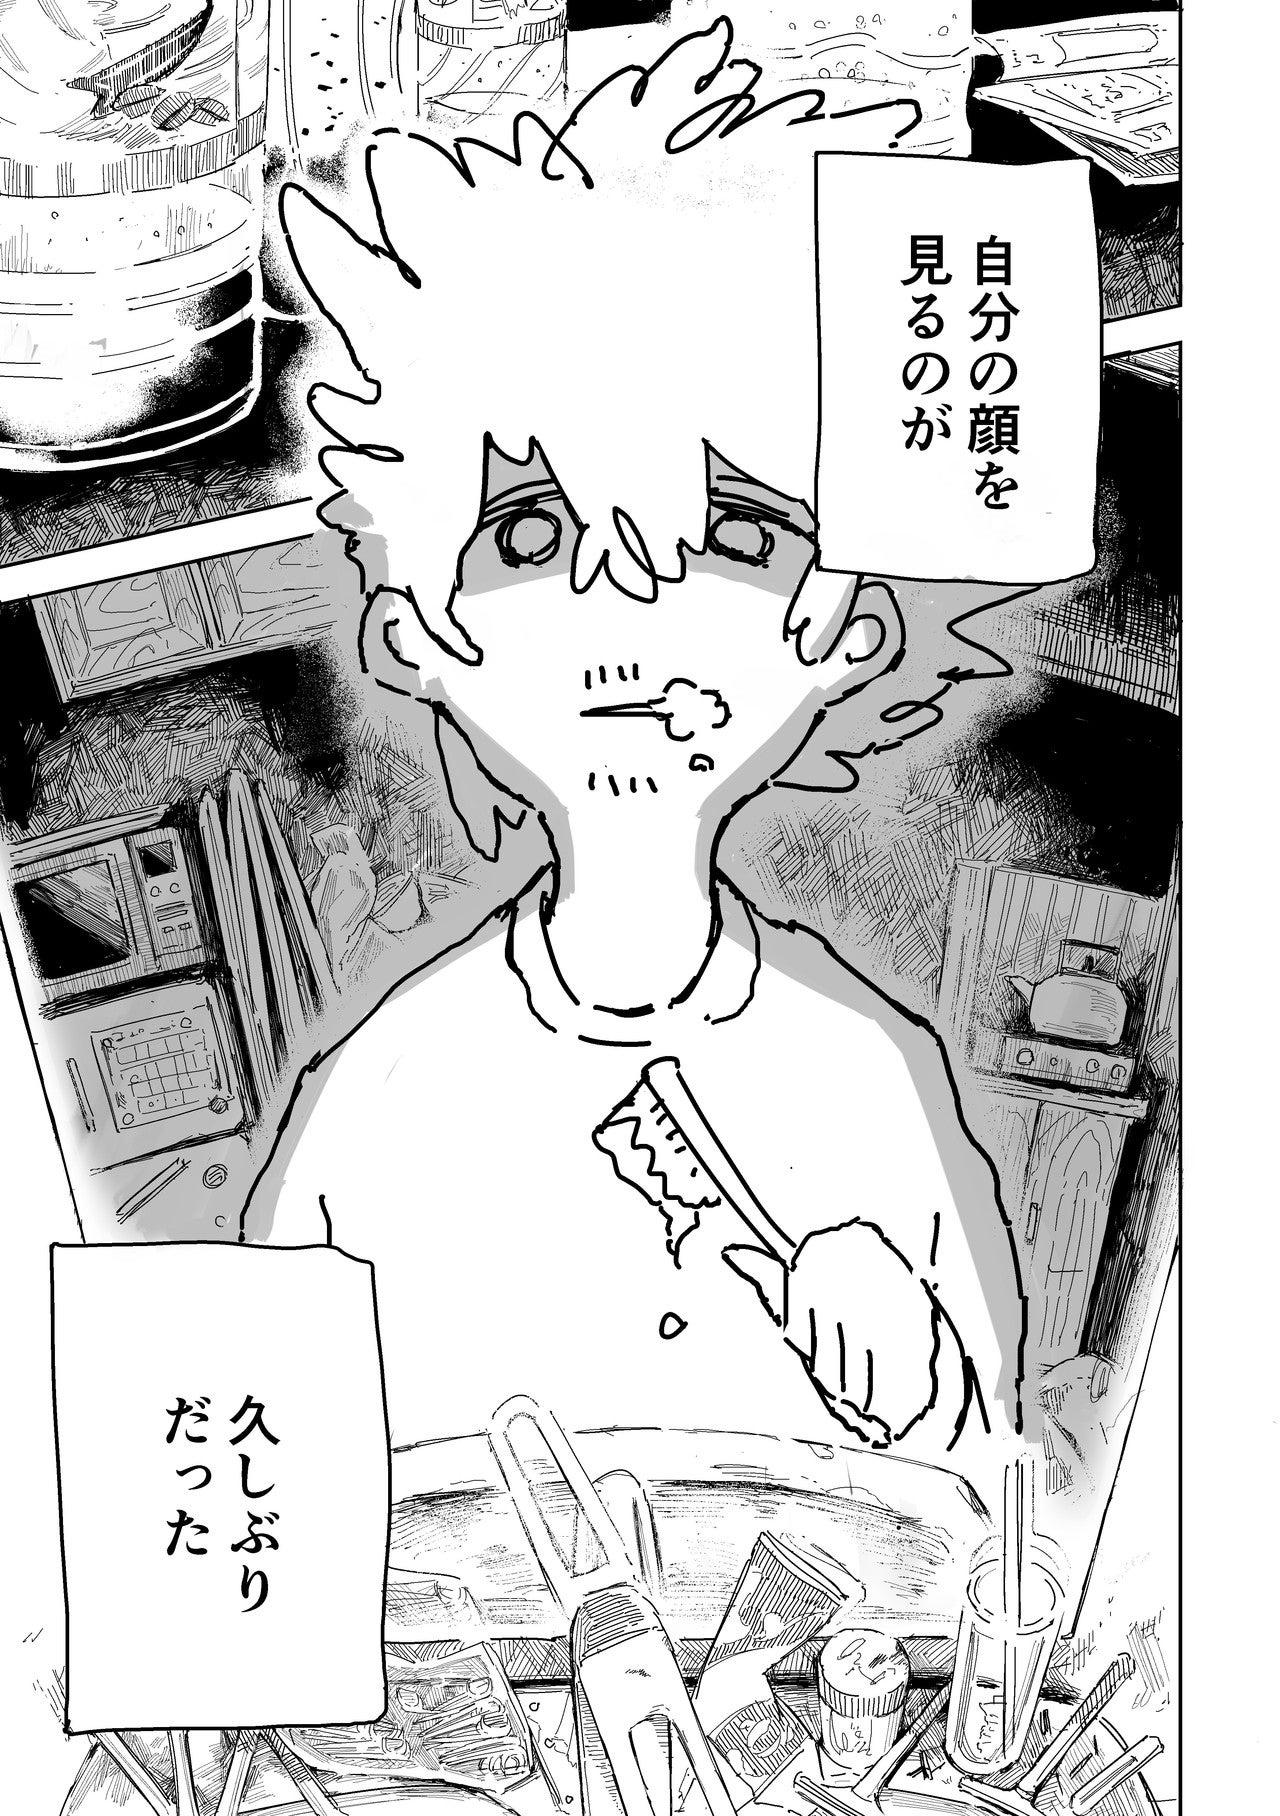 コミック6_001